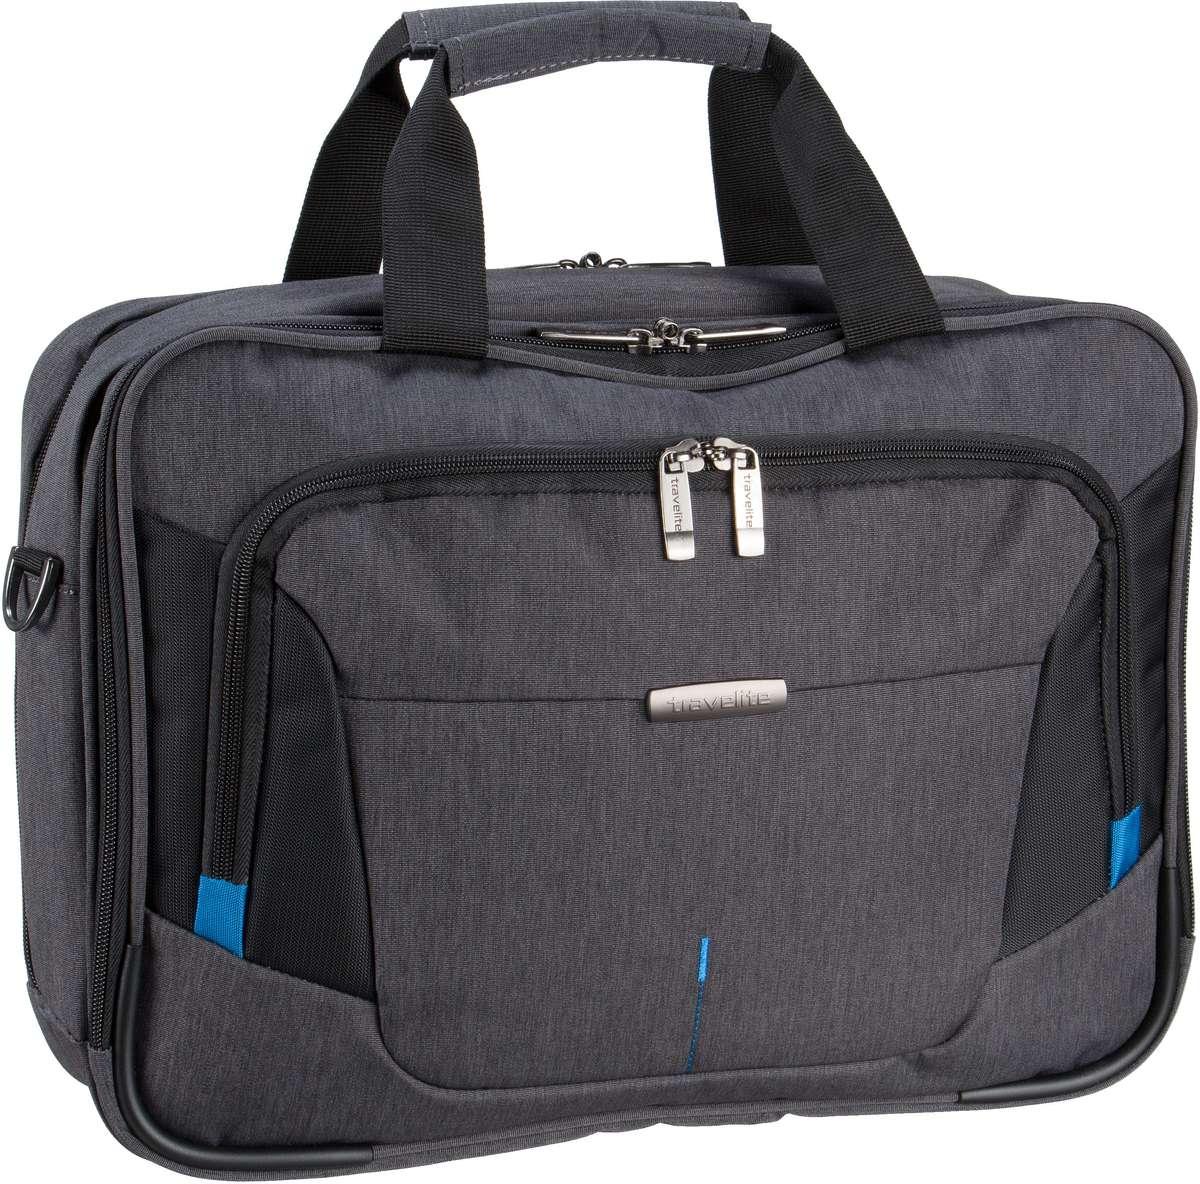 Businesstaschen für Frauen - travelite Aktentasche @Work Businesstasche Anthrazit (16 Liter)  - Onlineshop Taschenkaufhaus